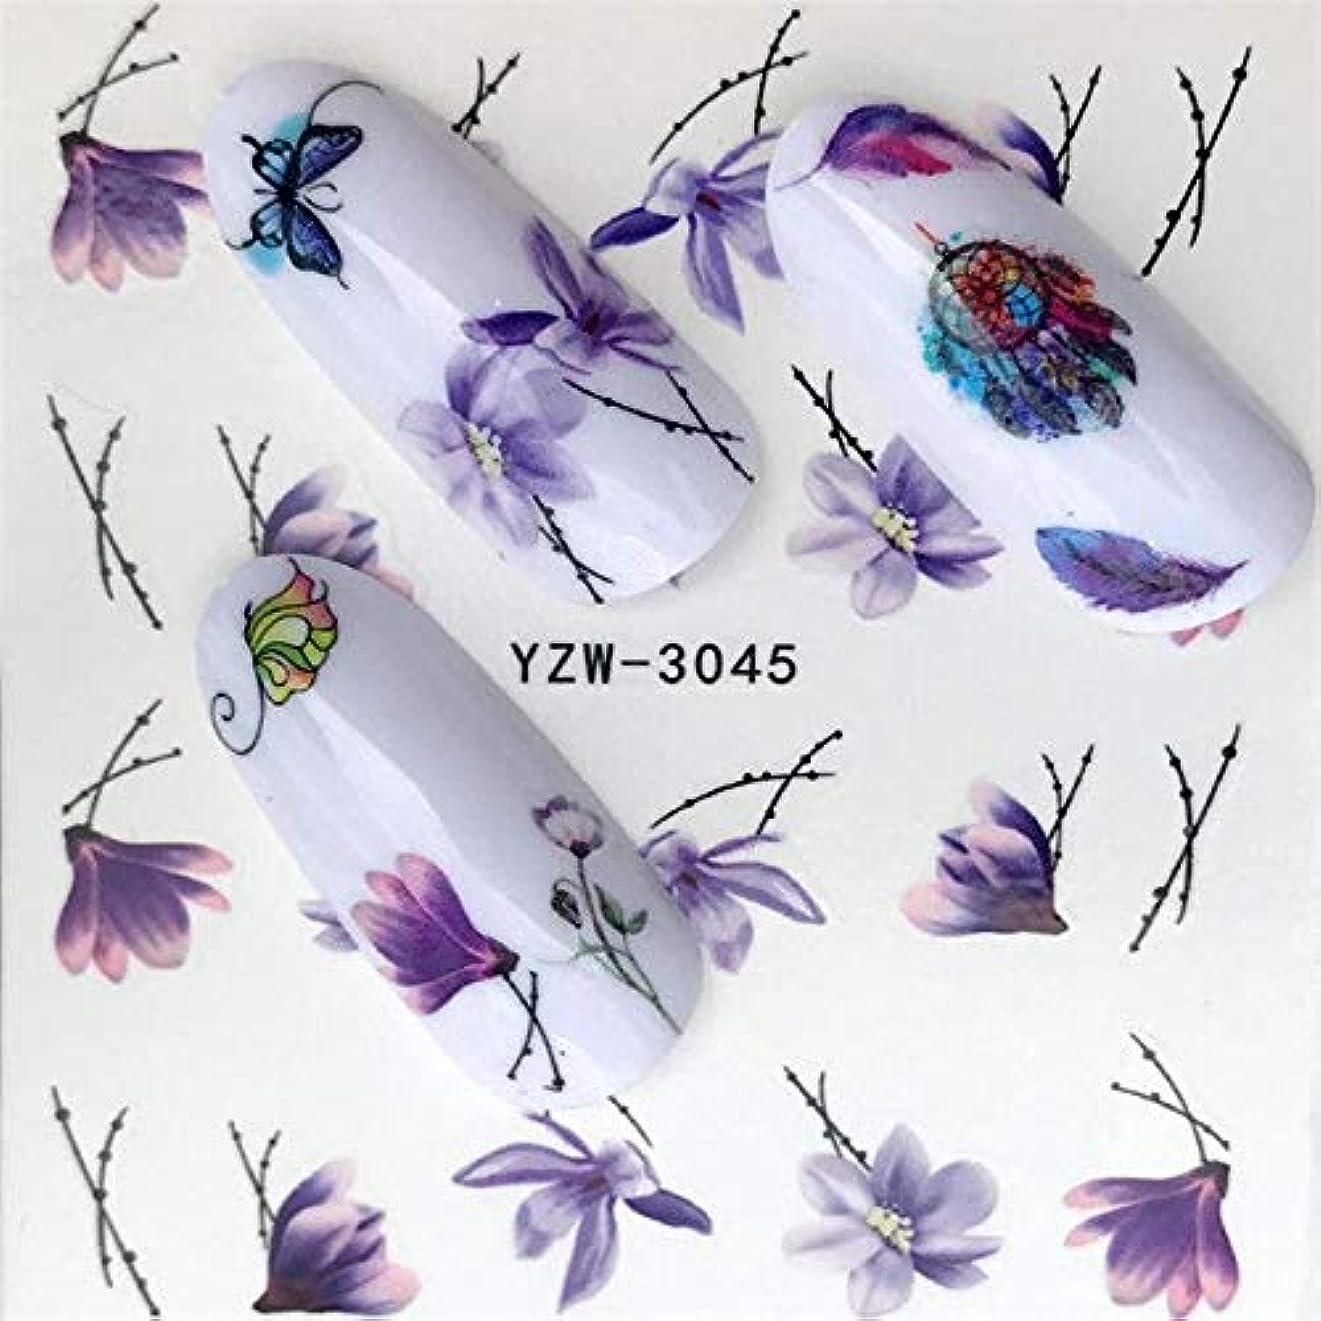 モス信者怖がって死ぬSUKTI&XIAO ネイルステッカー 1ピースホットデザインウォーターパープル美しい花ステッカーネイルアートステッカーネイル箔用diyマニキュア装飾